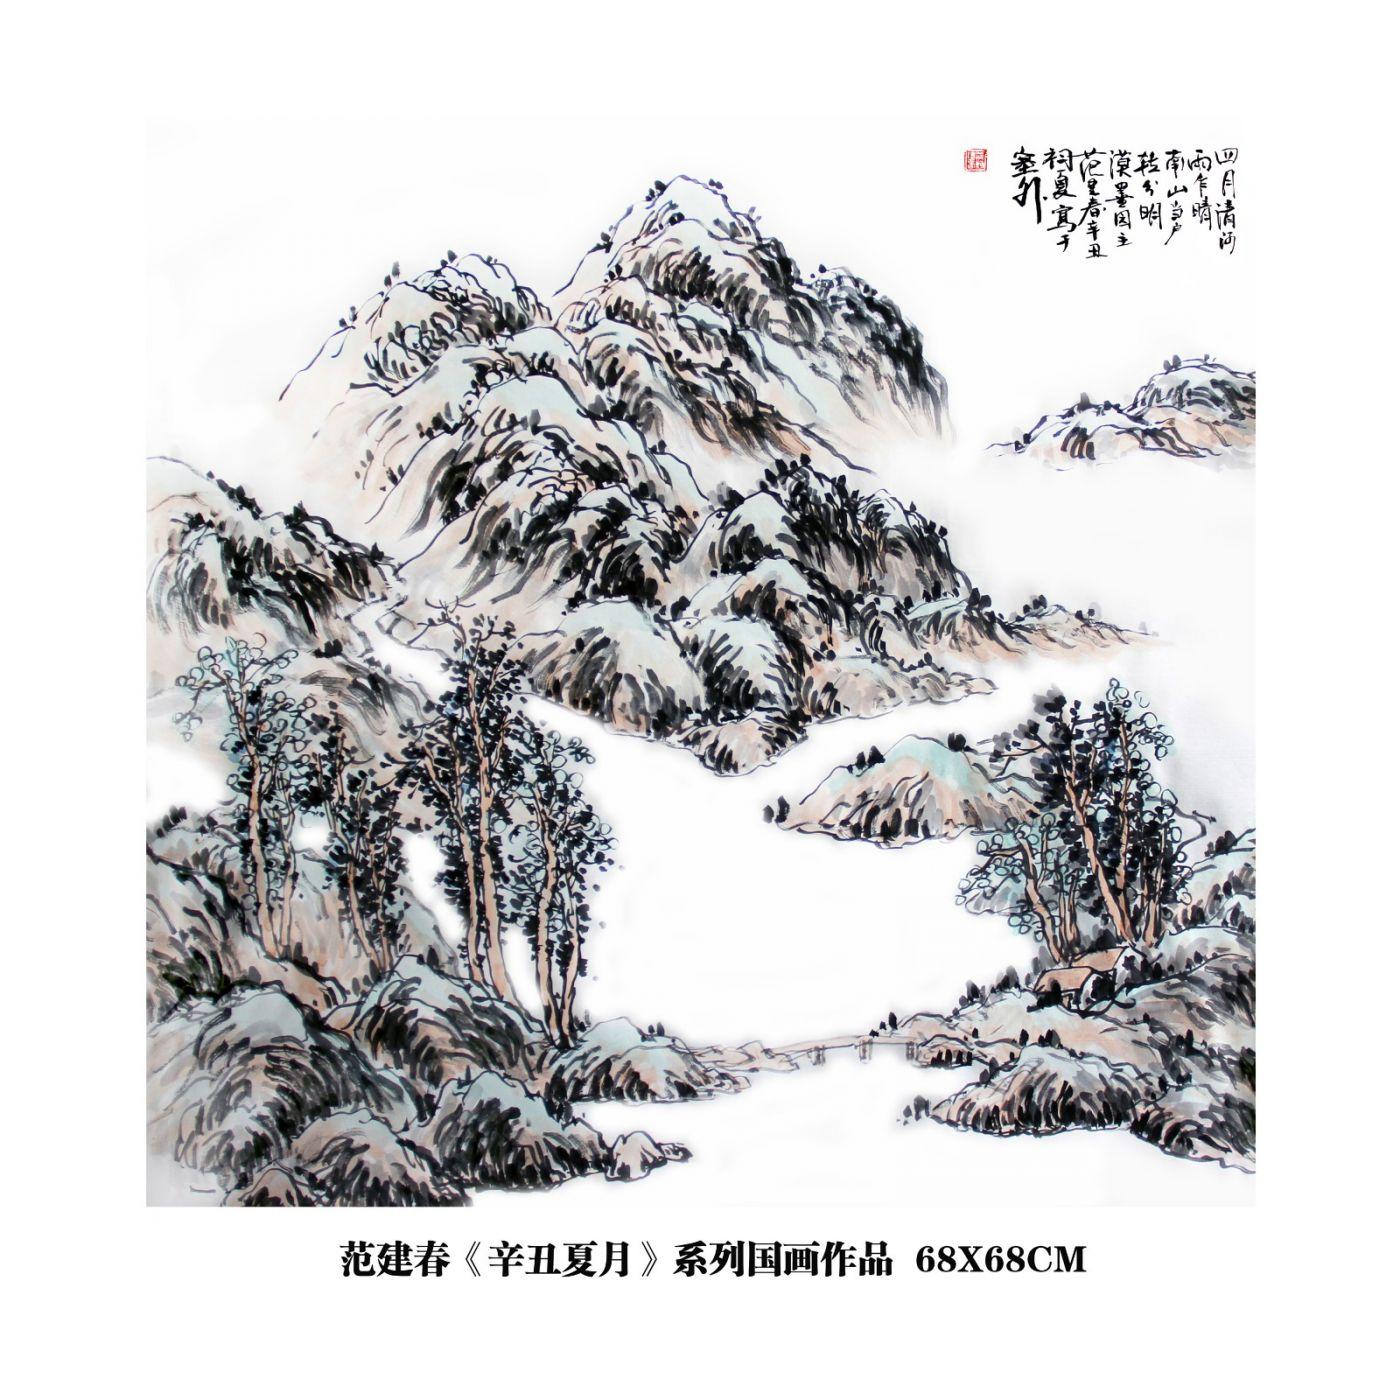 范建春辛丑夏月国画山水作品(一)_图1-2